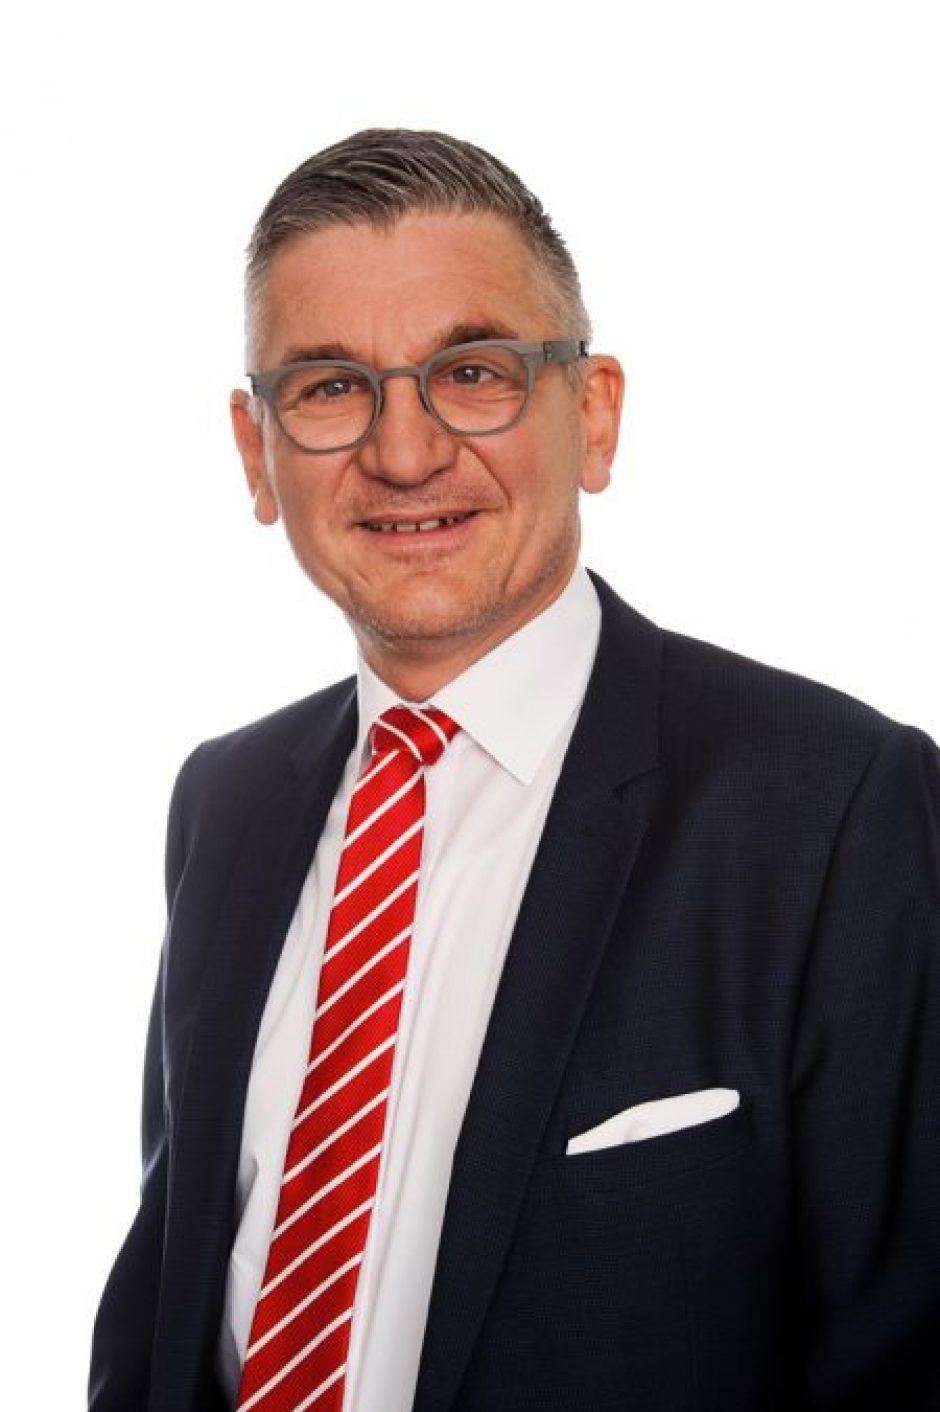 Frank Dehnke zum Vorsitzenden des Vorstandes der Sparkasse Oberhessen gewählt